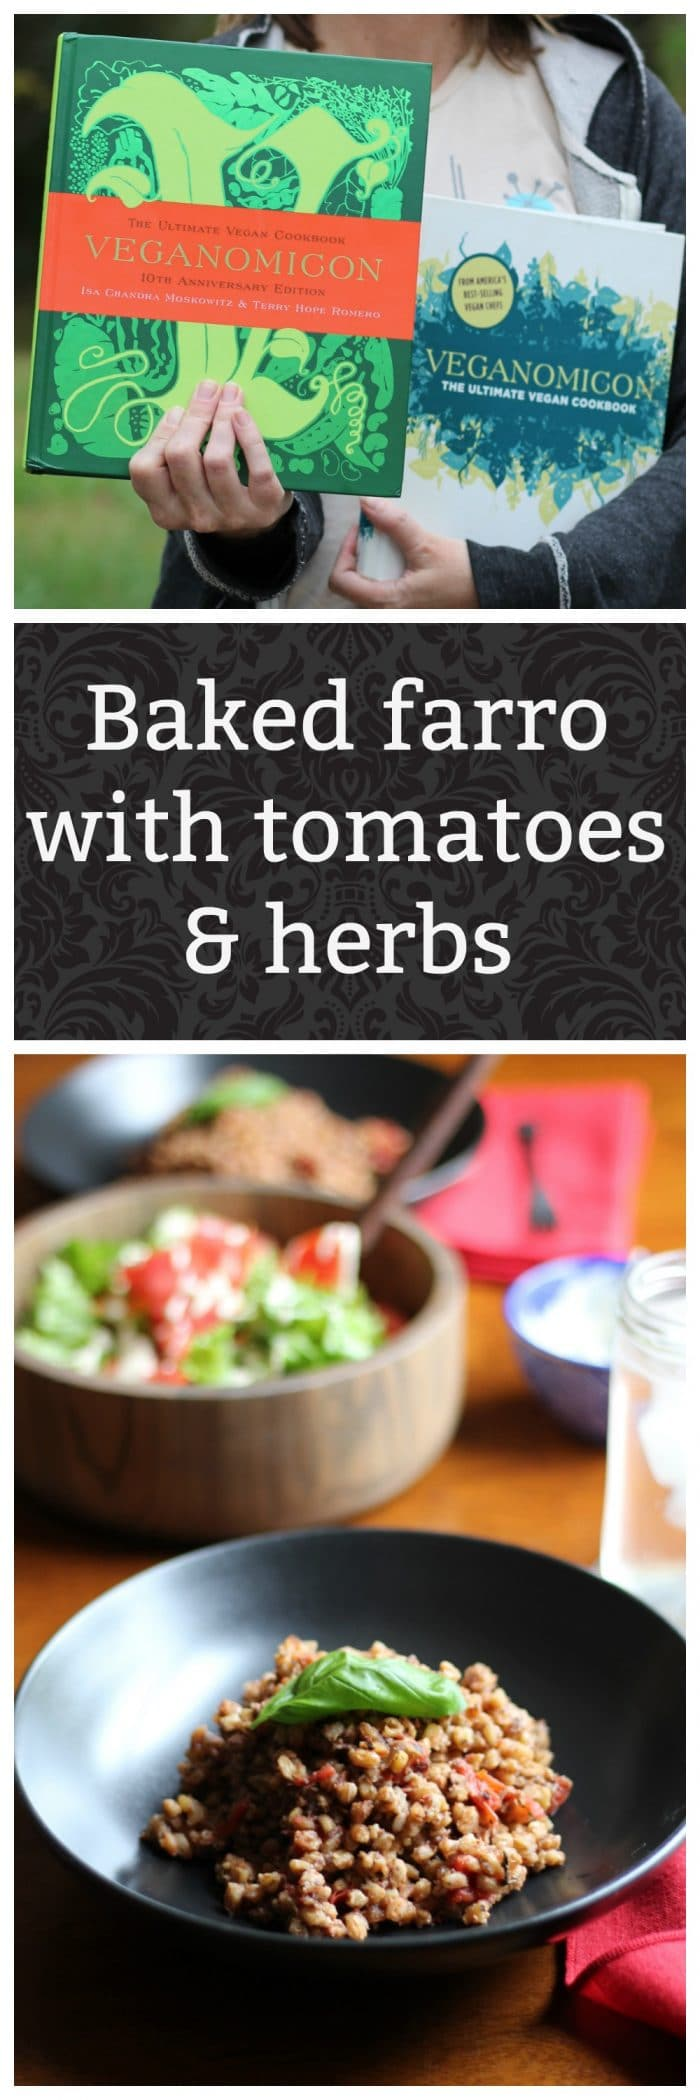 Baked farro in plate + Veganomicon cover.